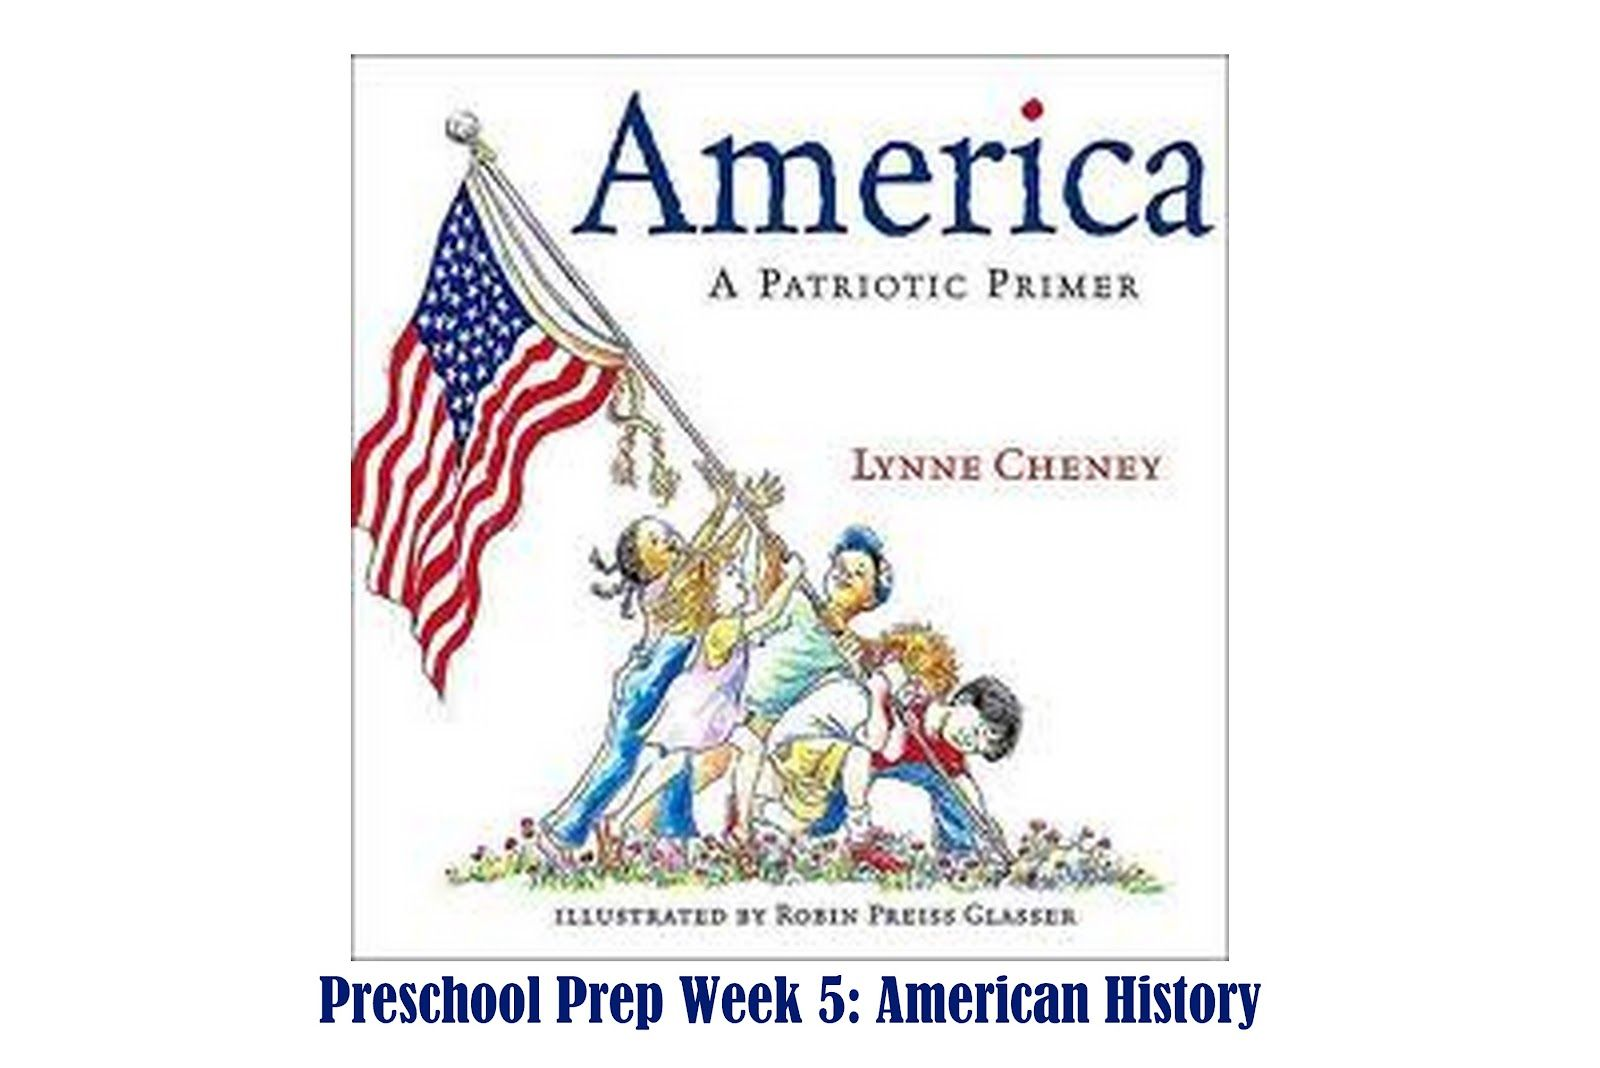 Preschool Prep Week 5 American History